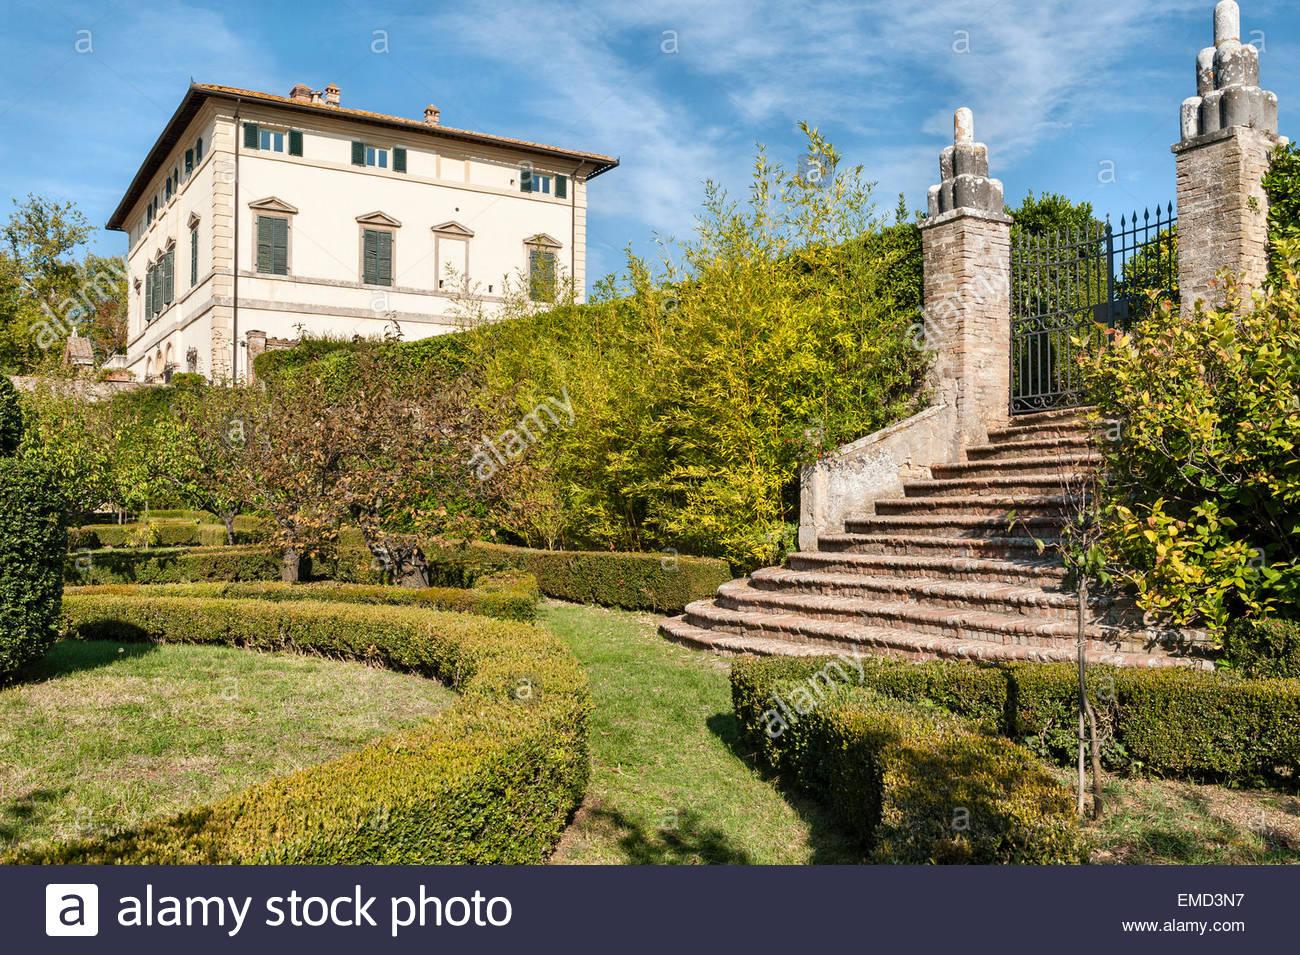 vicobello-siena-toscana-italia-la-villa-e-parte-del-procedimento-formale-di-giardino-allitaliana-con-agganciato-siepi-di-bosso-emd3n7